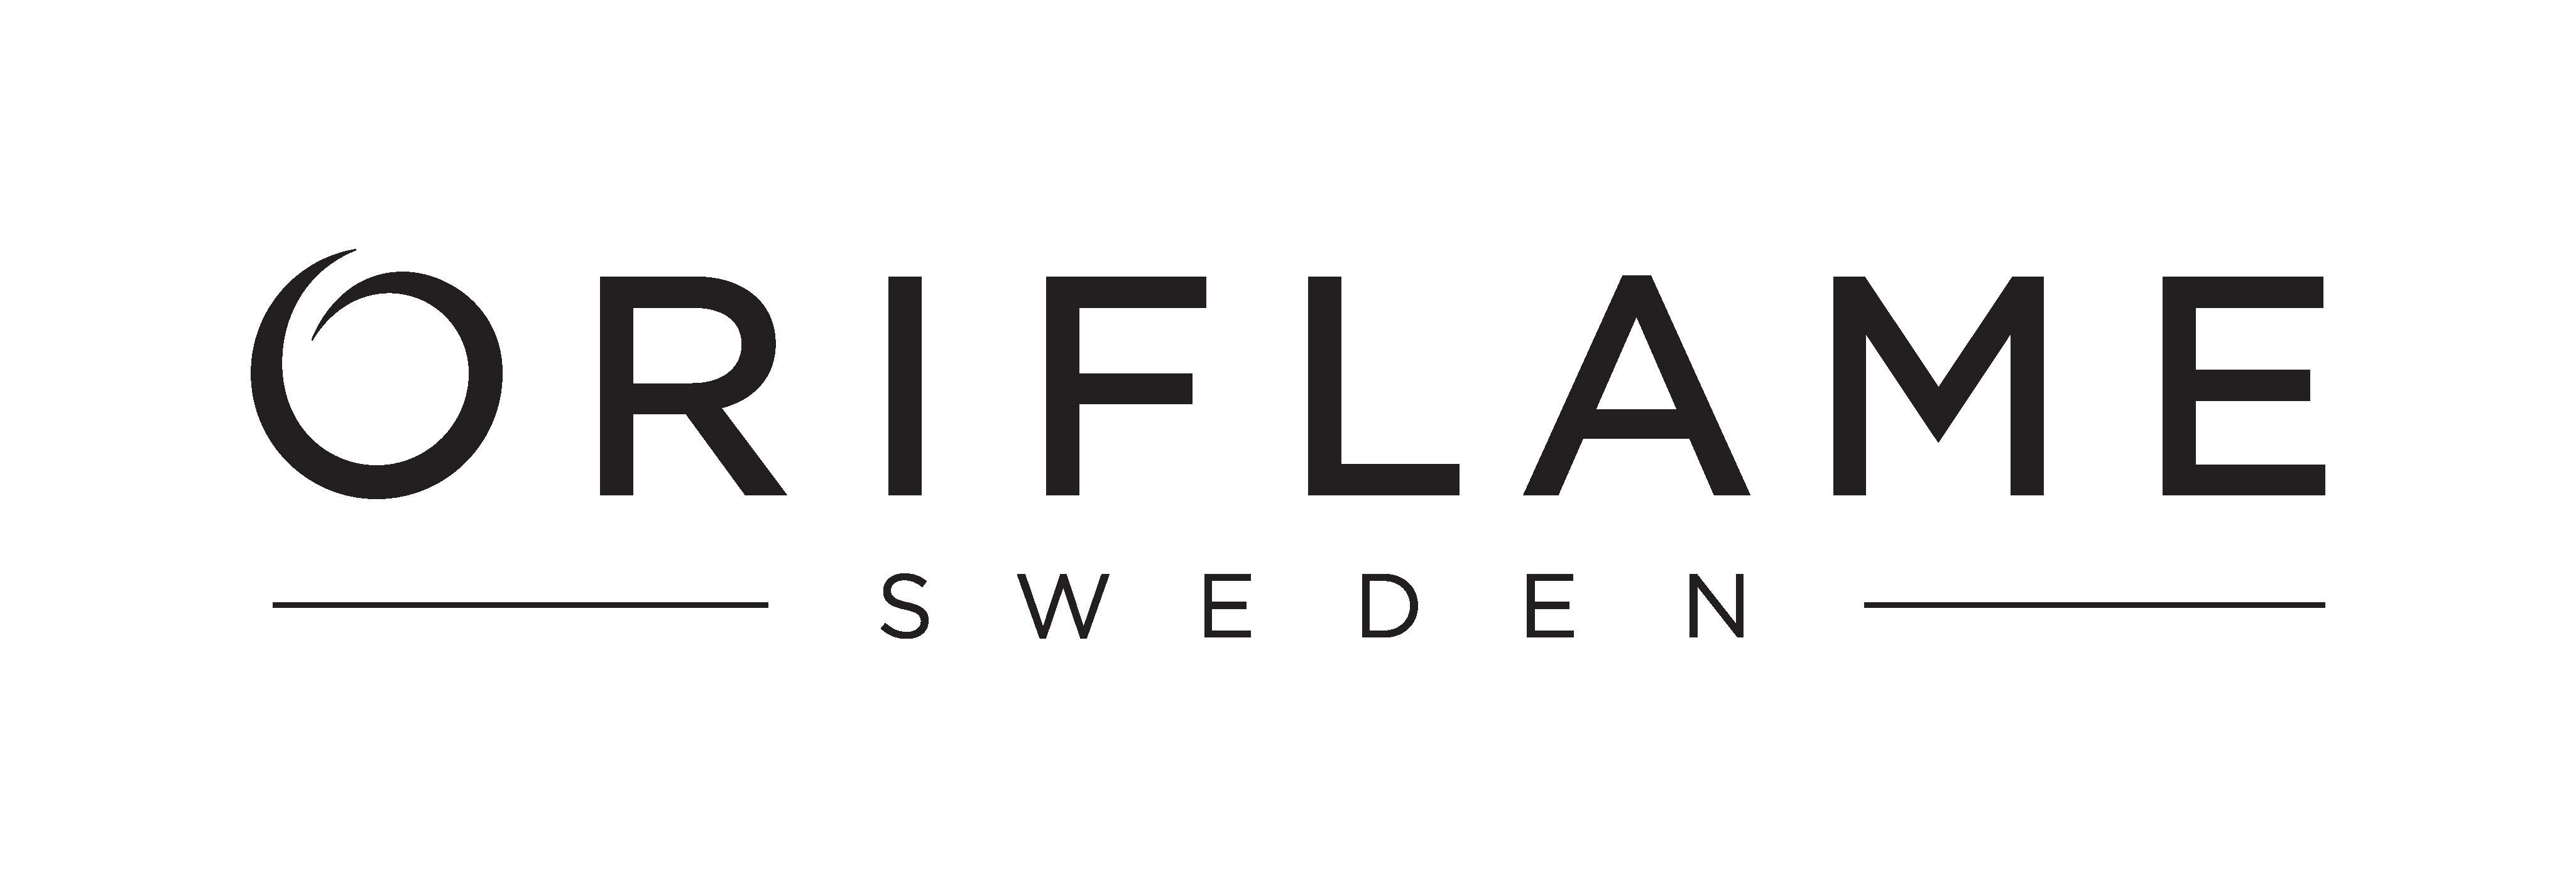 oriflame-logo